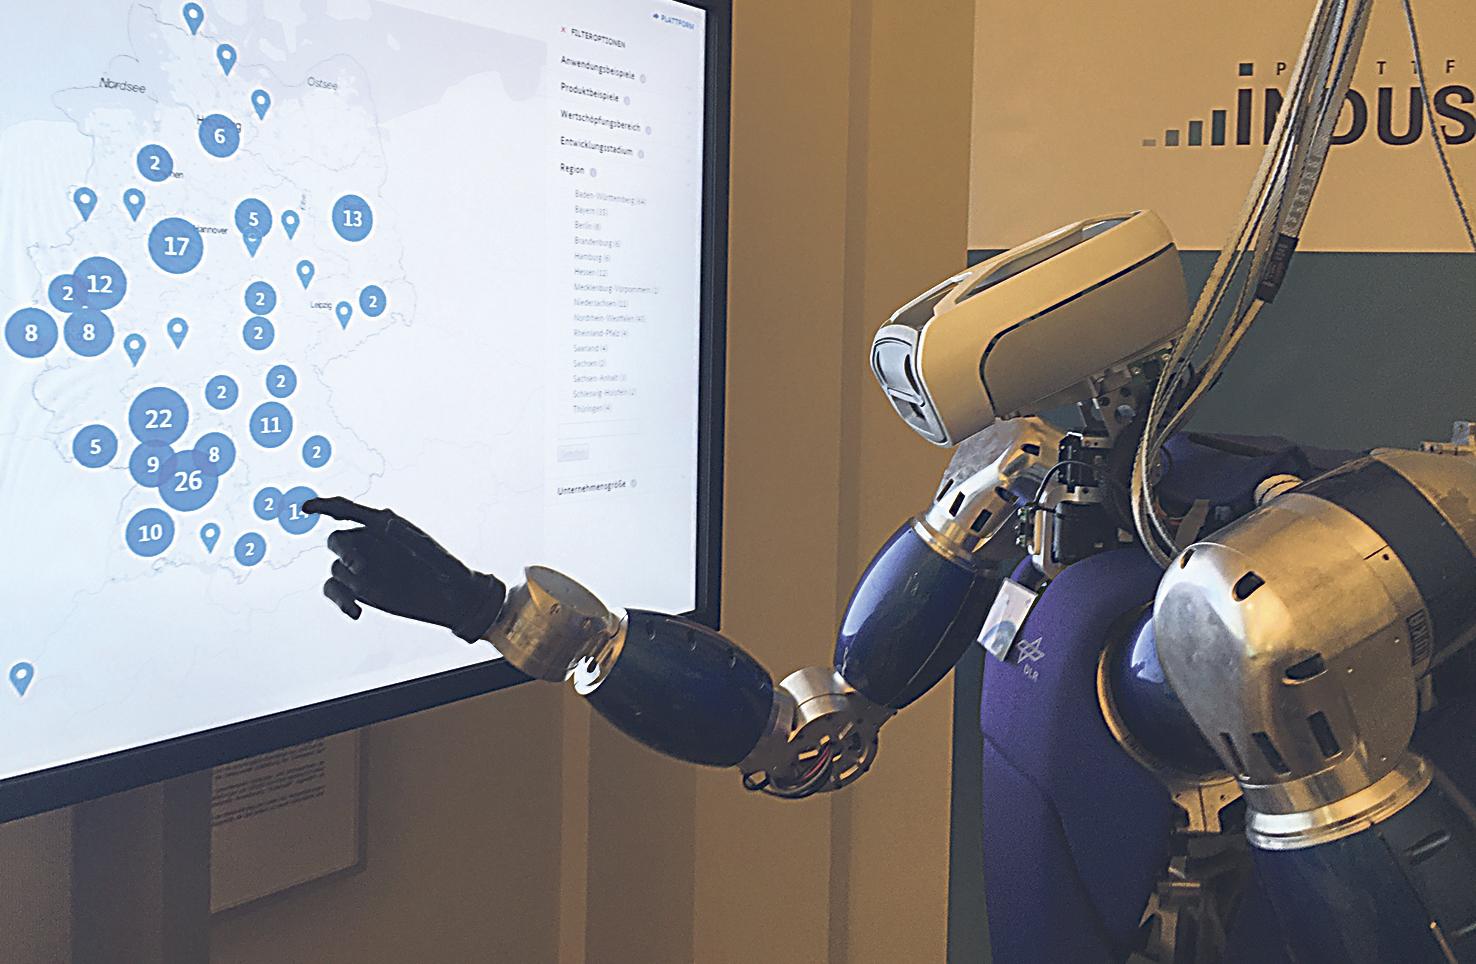 Ein Roboter deutet auf eine Karte